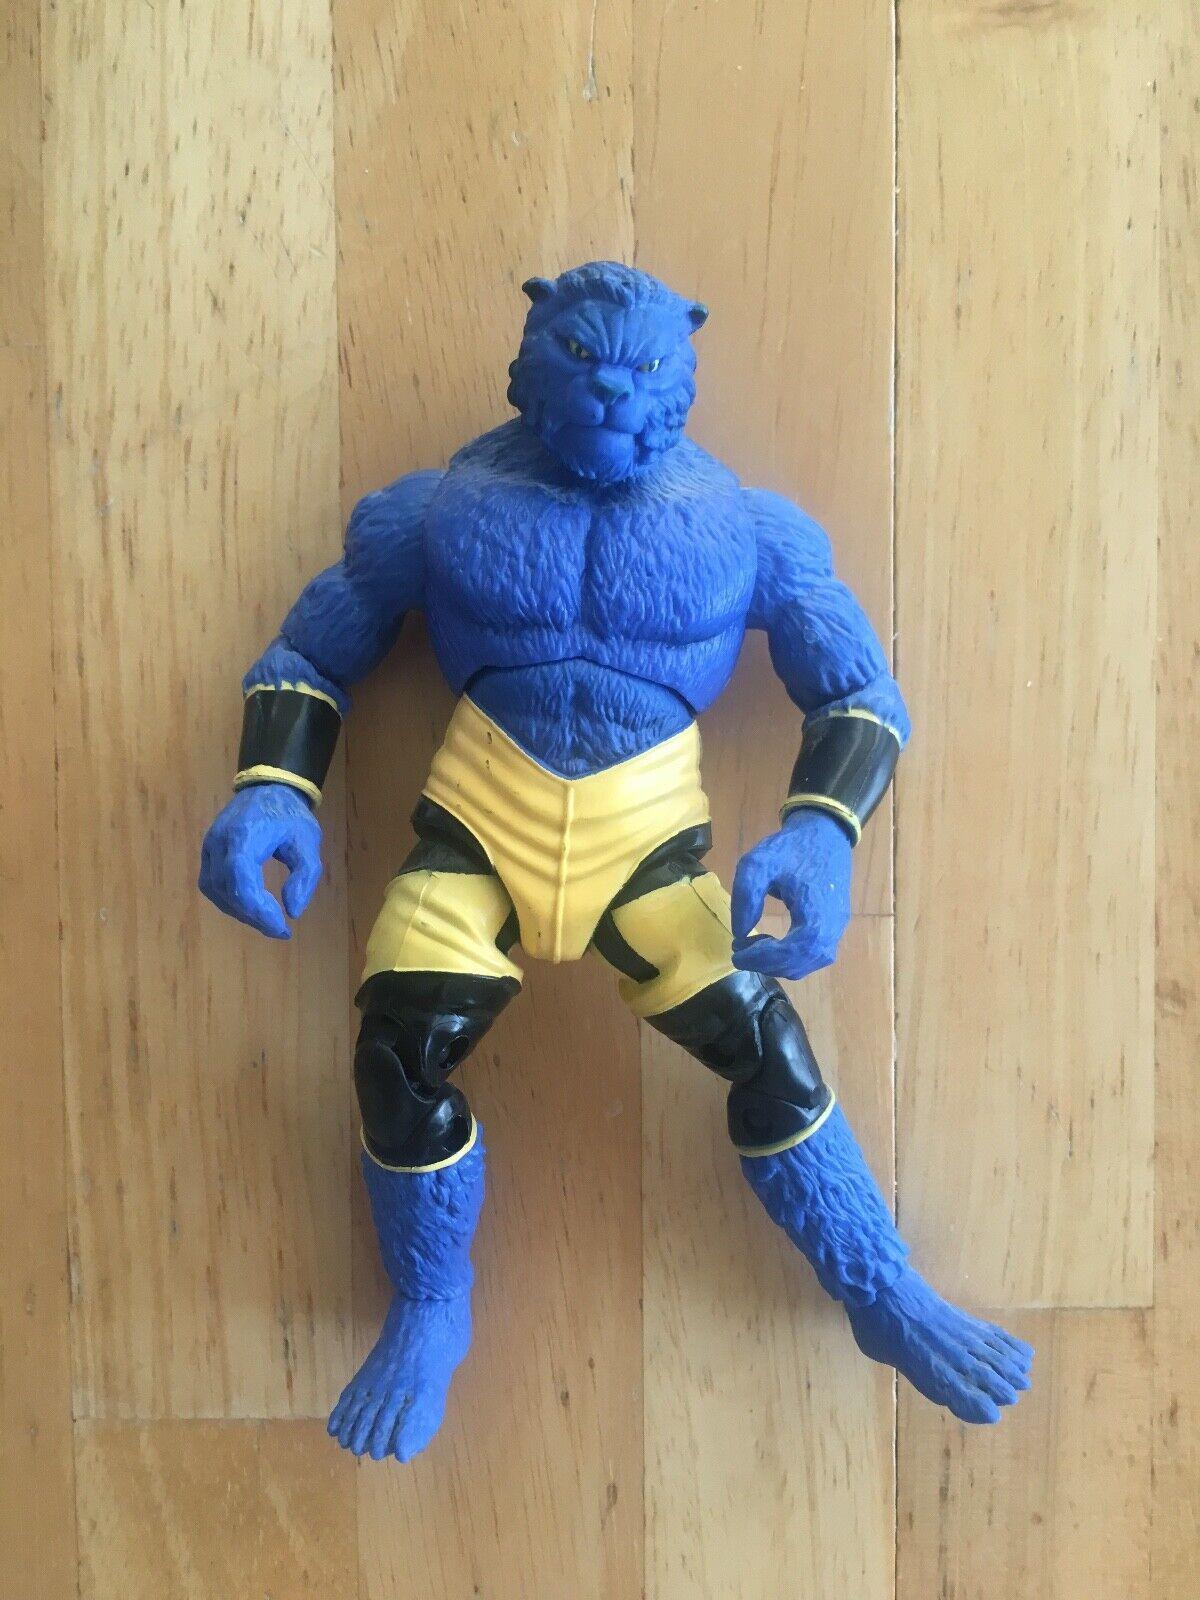 Marvel Legends Astonishing X-men Beast Hasbro Avengers